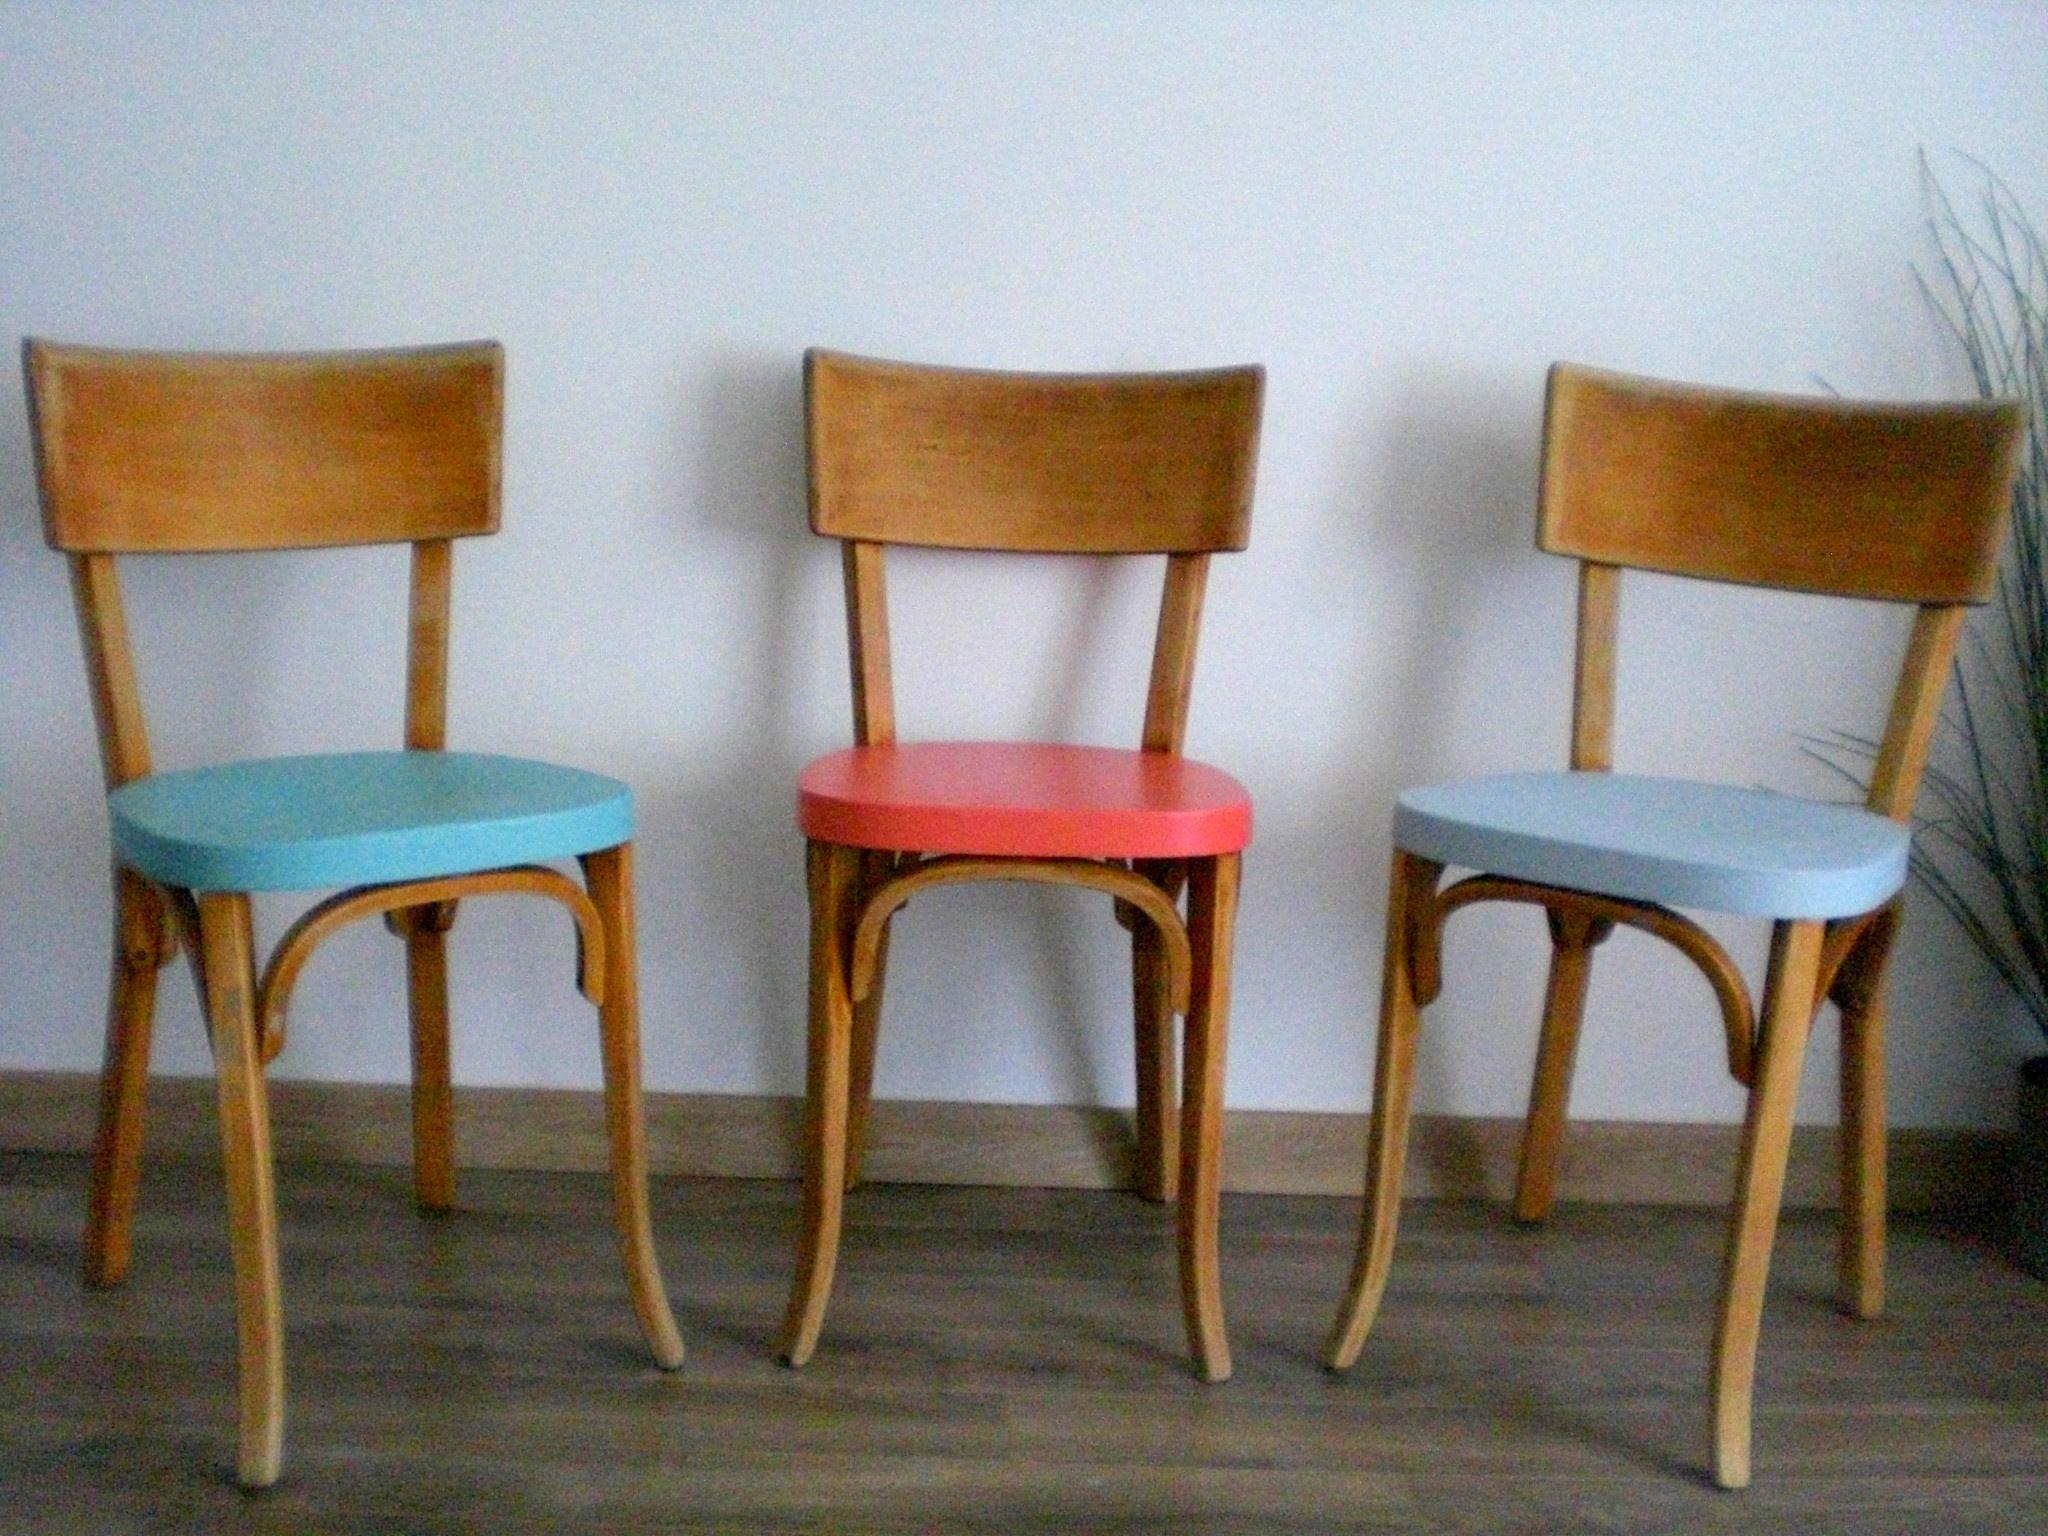 Sedie Scandinave ~ Rinnovare in modo creativo sedie vintage utilizzando colori vivaci